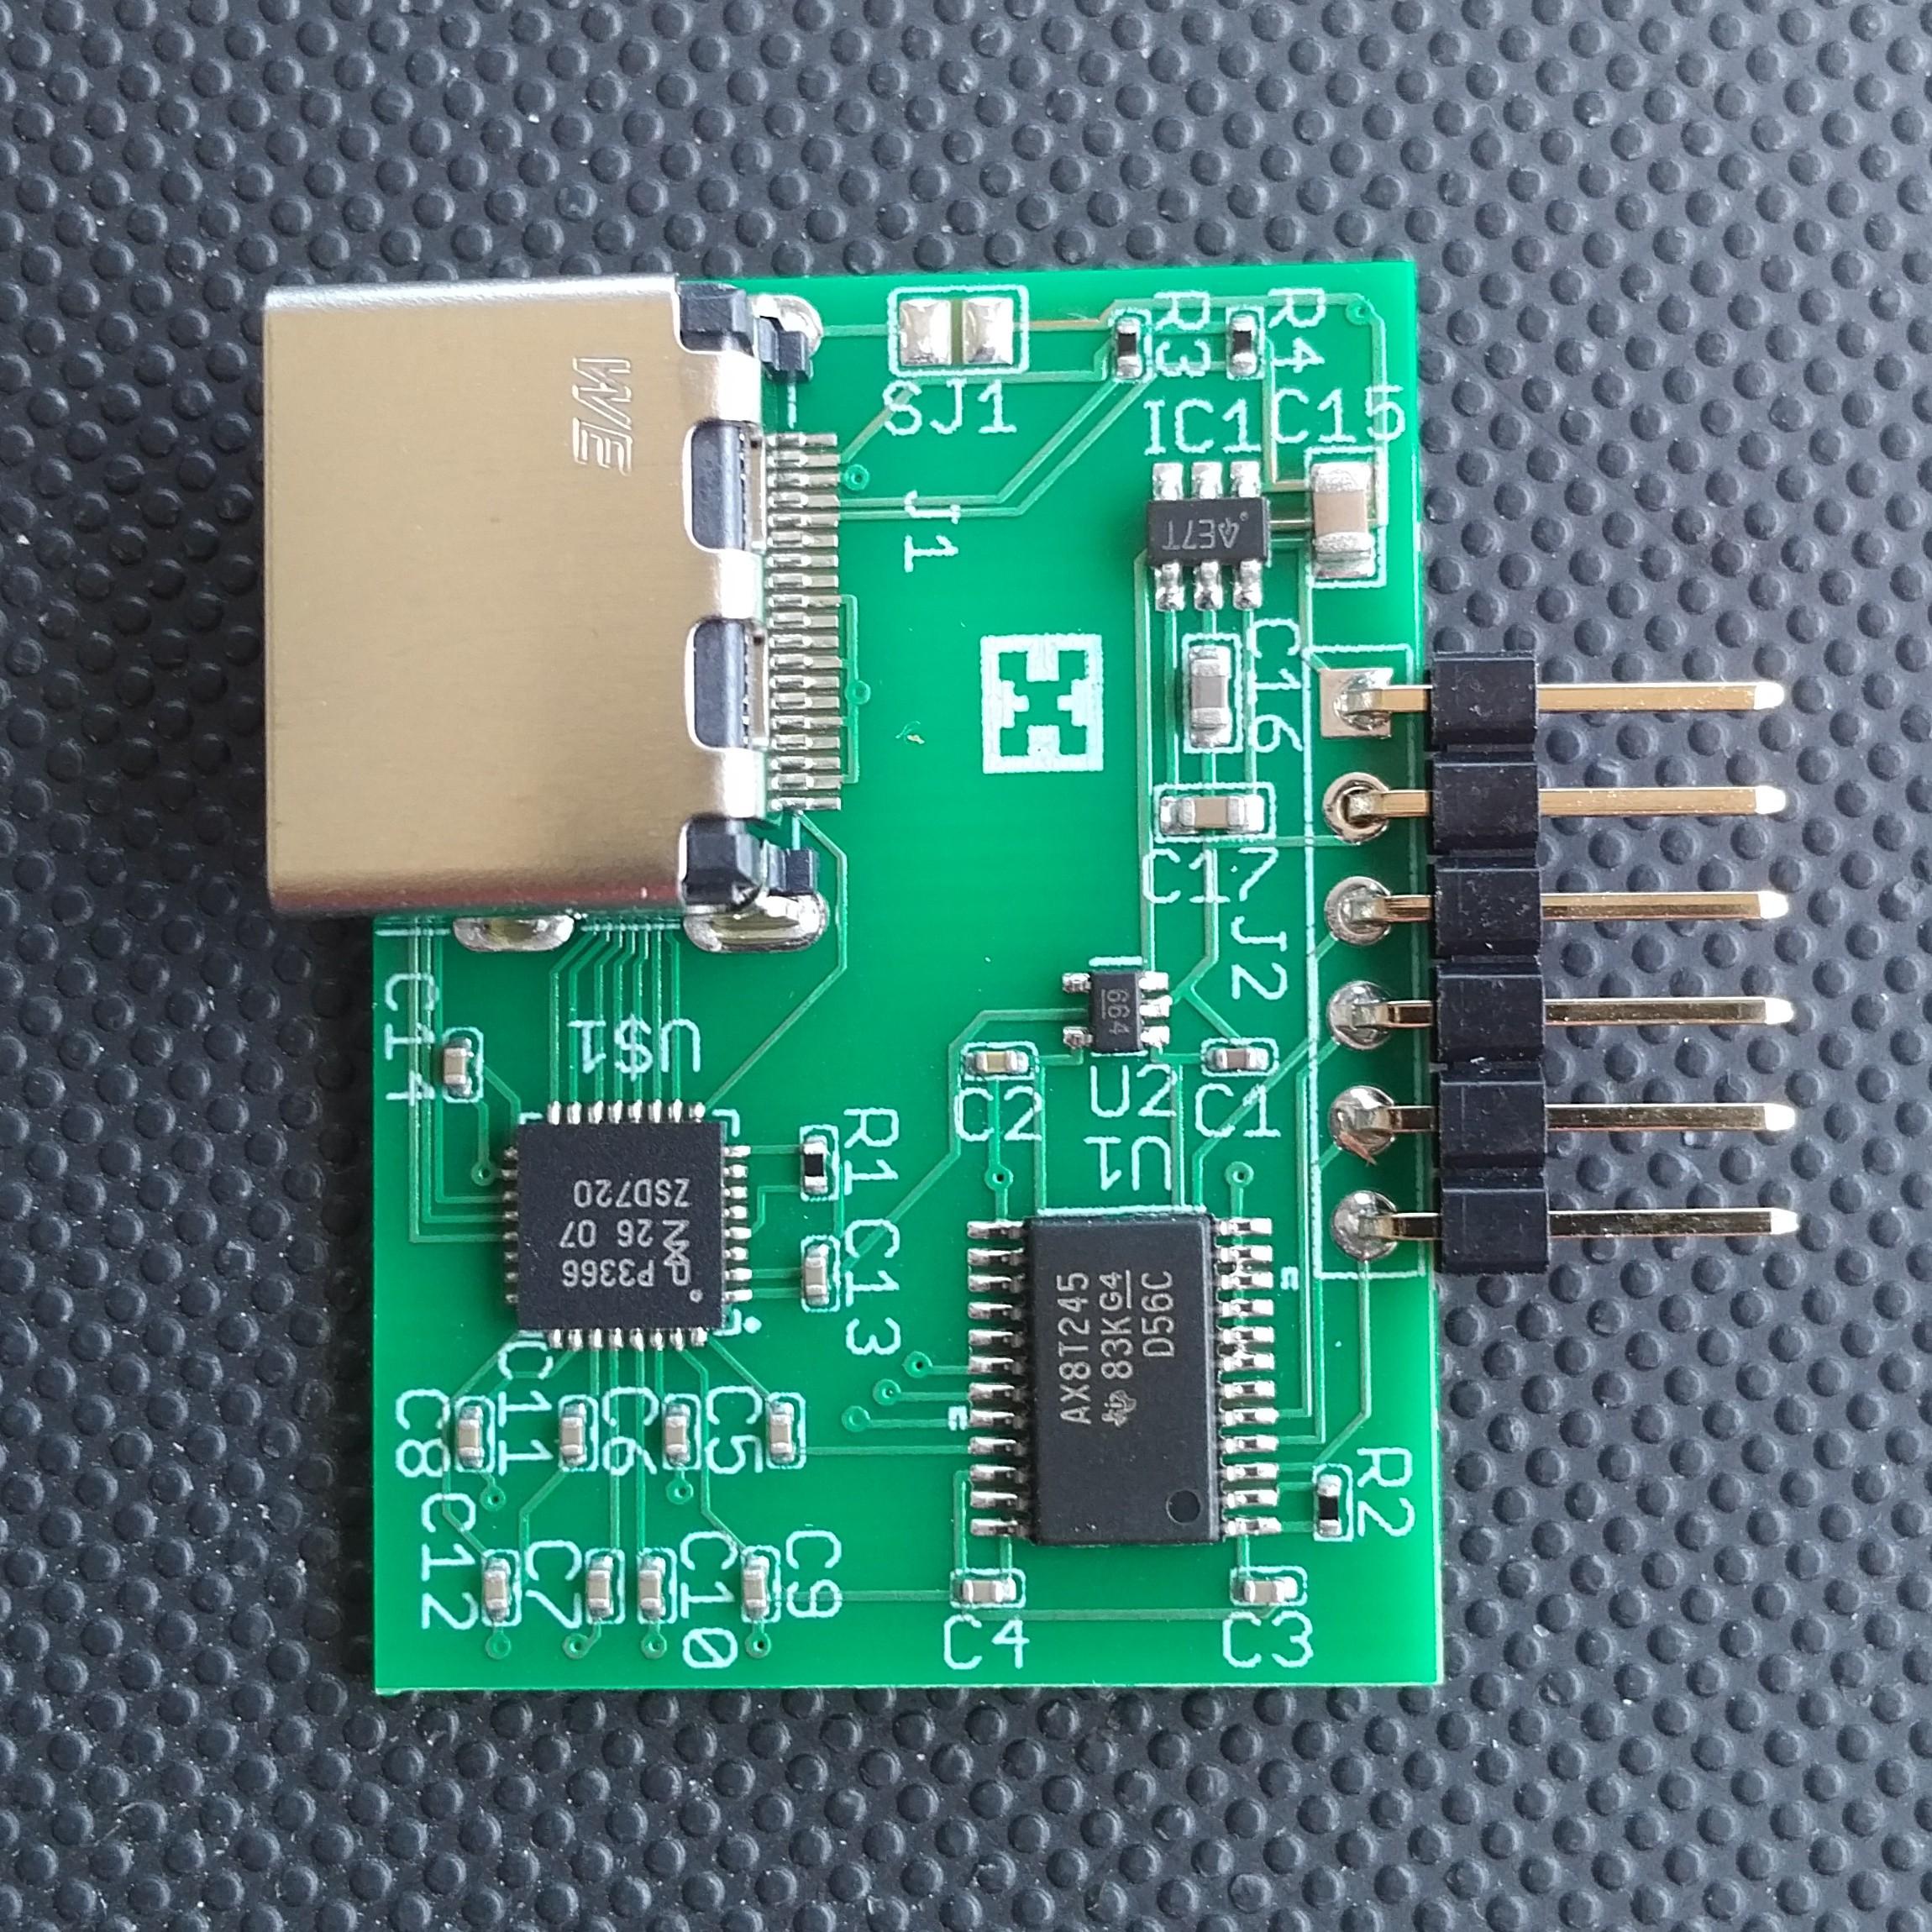 DVI / HDMI Pmod for an iCE40 FPGA | Dan O'Shea | Hackaday io